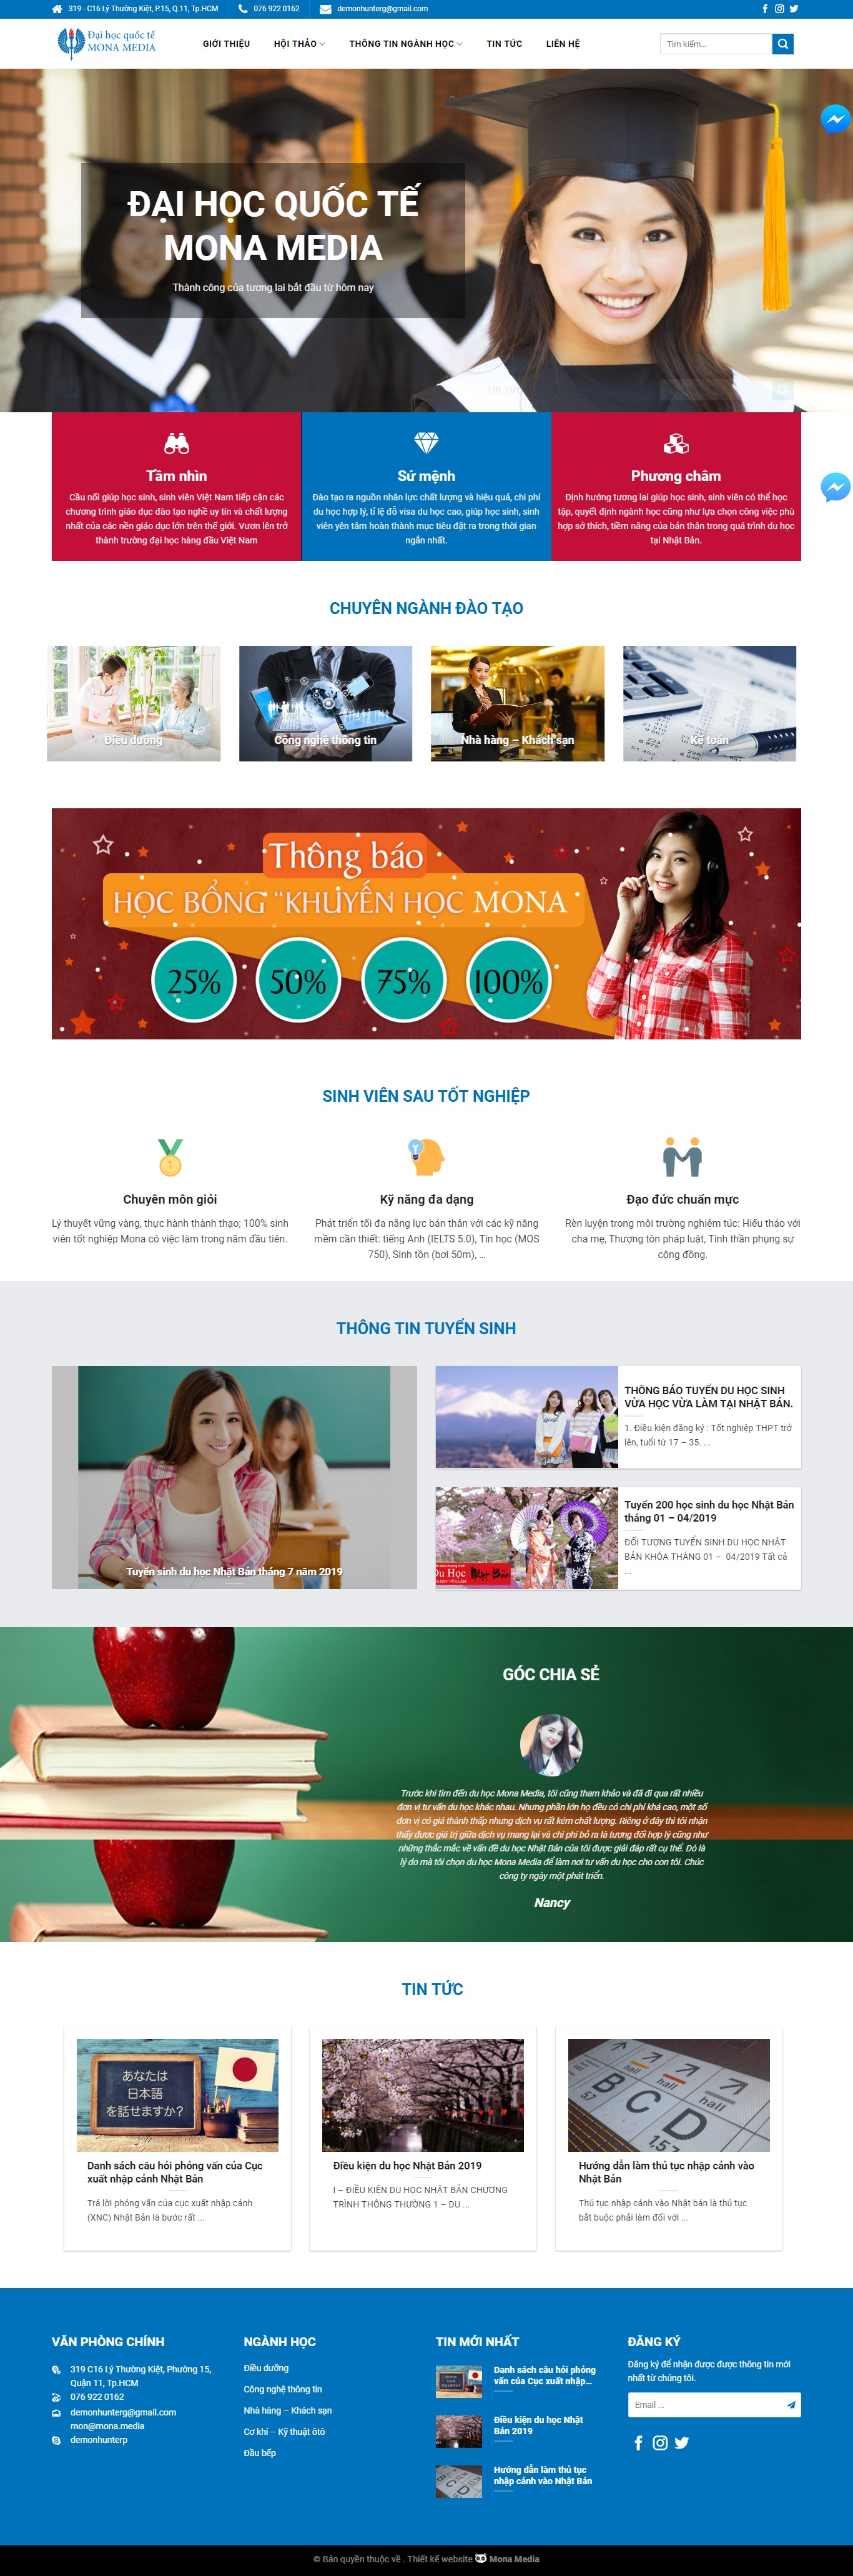 Mẫu website trường học giao diện